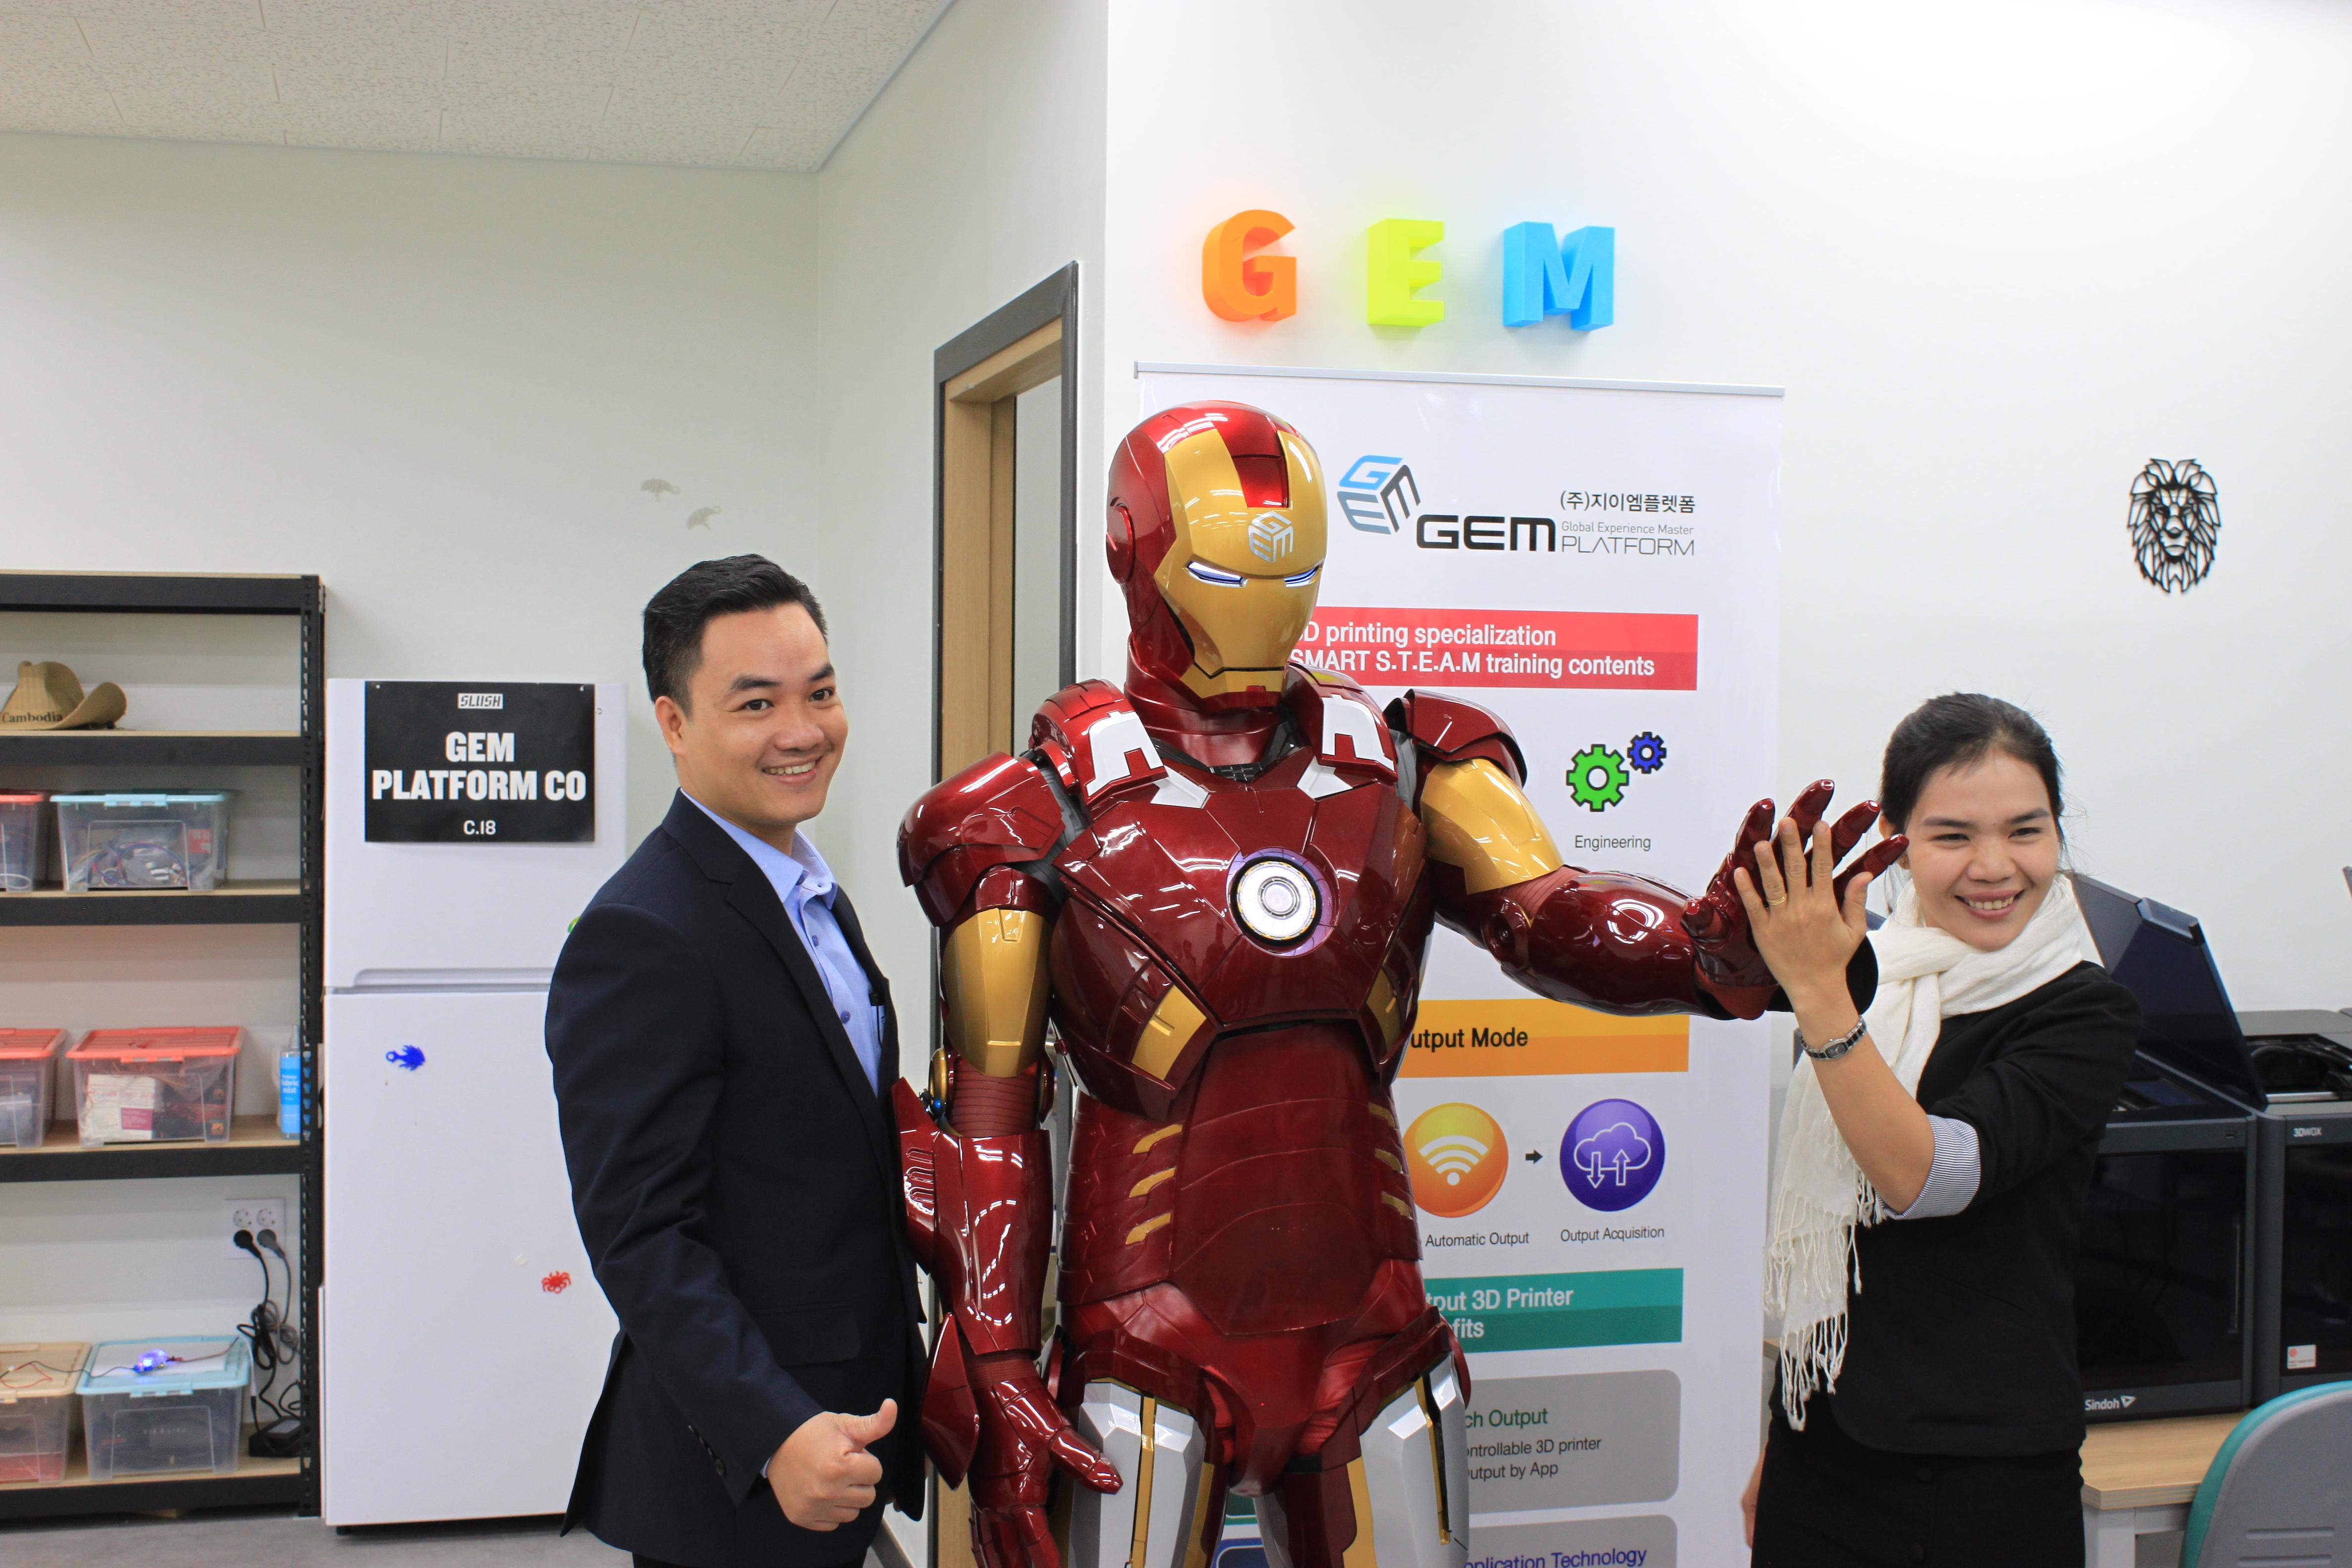 Bộ áo của nhân vật Ironman này được in thẳng từ một máy in 3D. Ảnh: T.Bung